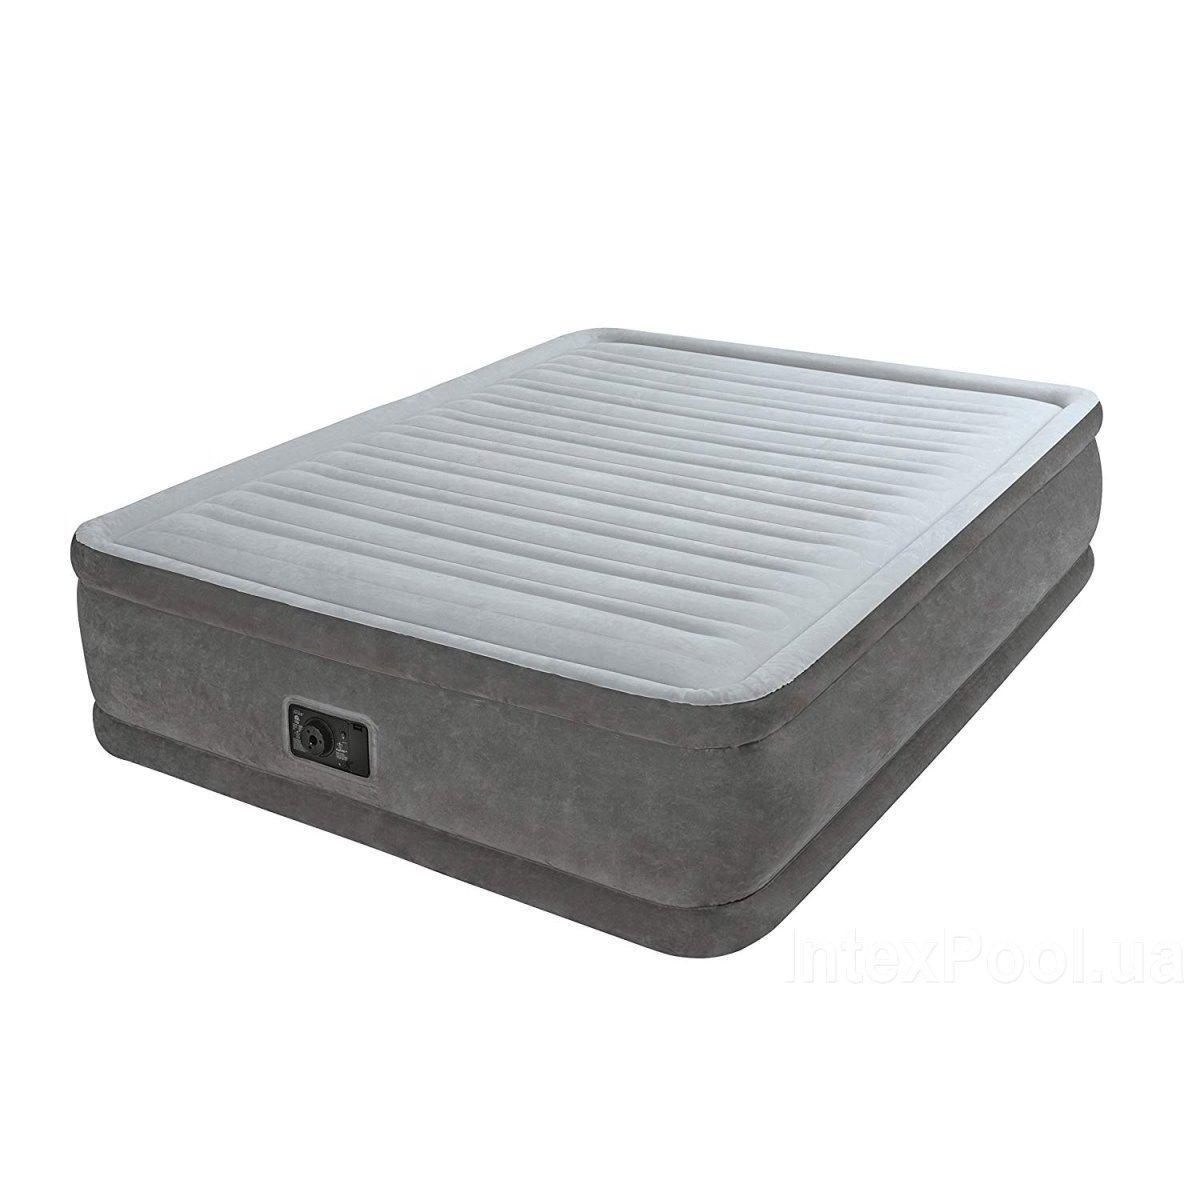 Надувная кровать Intex 64414 встроенный электронасос Двухспальная